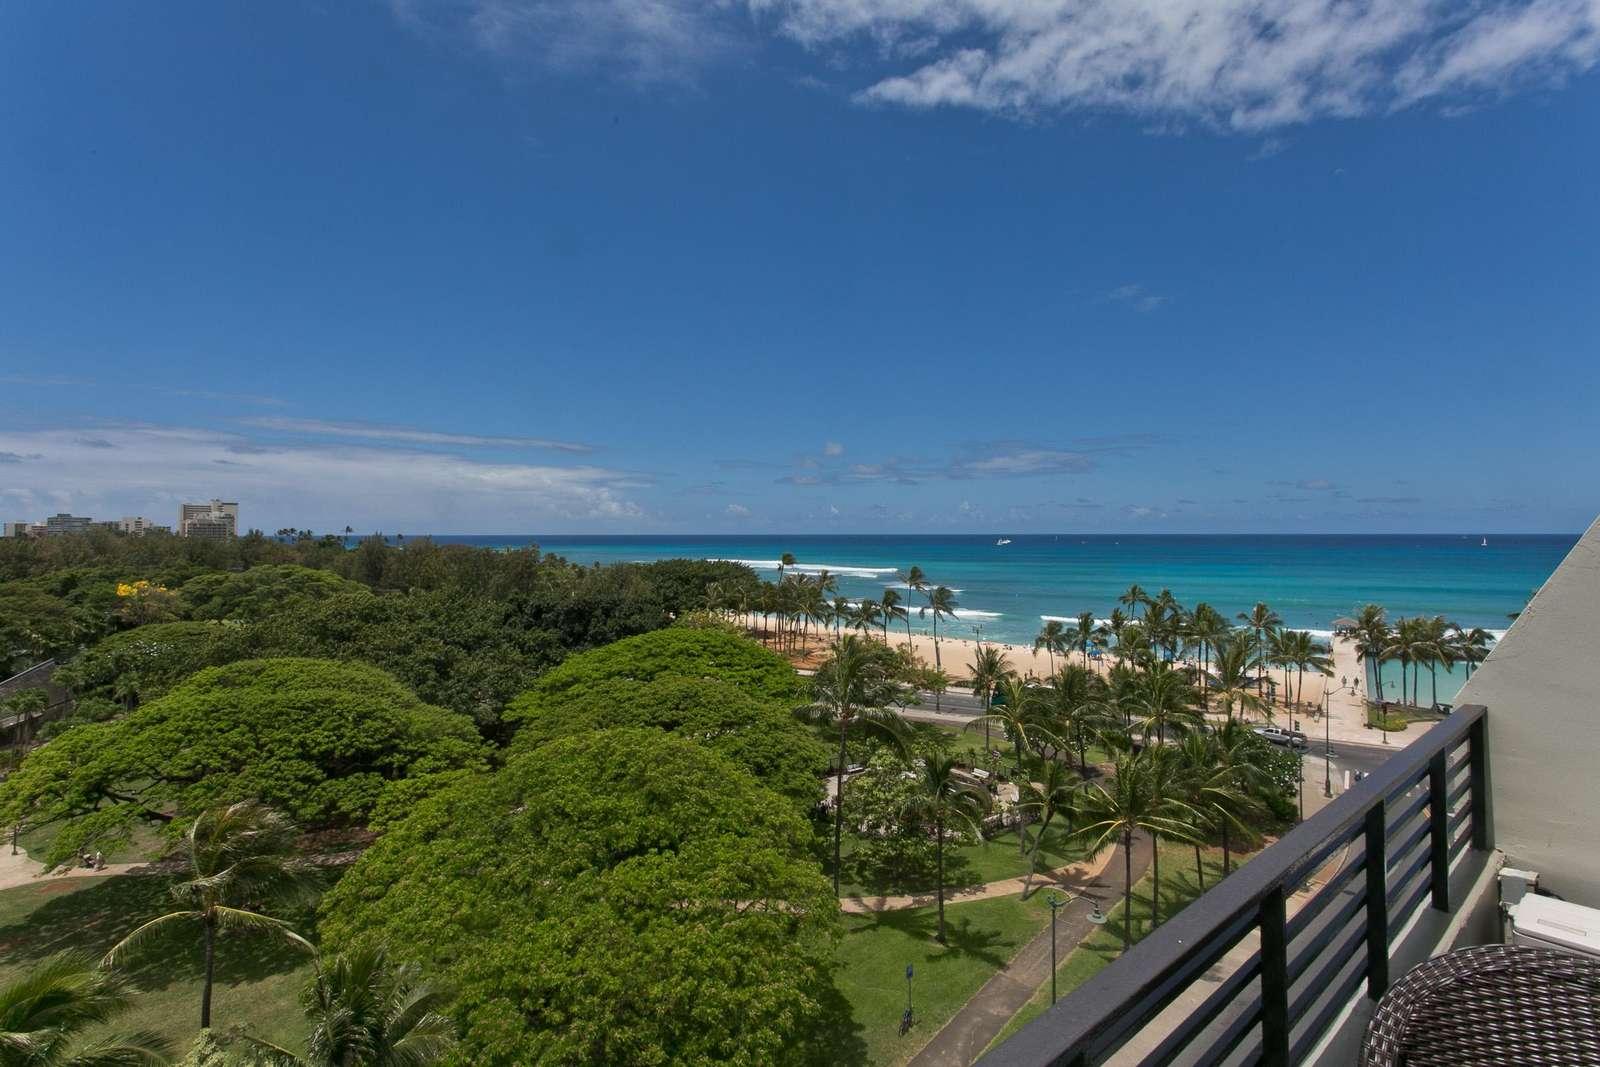 Waikiki Beach from your balcony